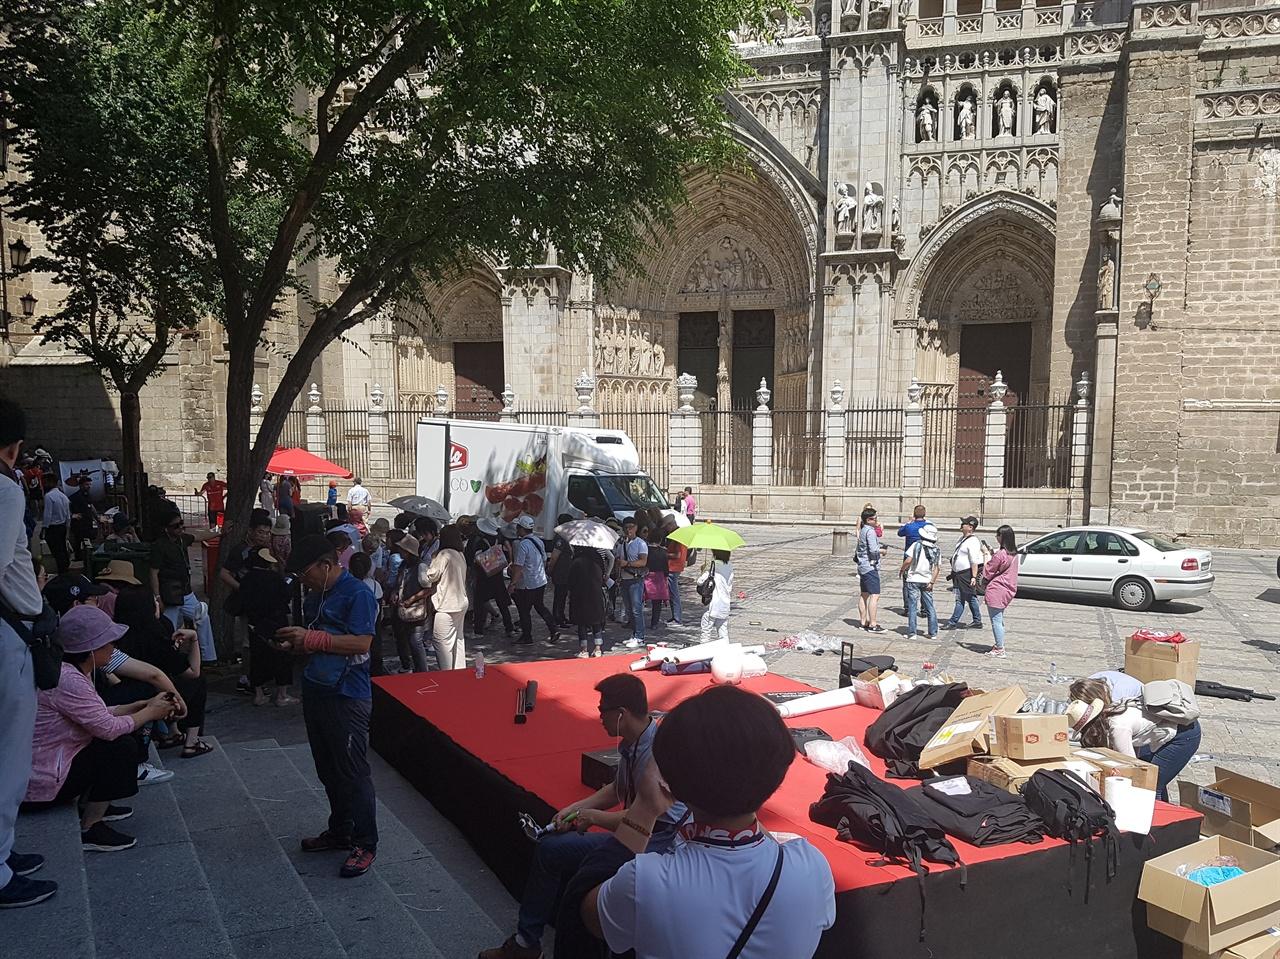 톨레도 대성당 앞에는 수많은 관광객들과 행사를 진행하는 사람들로 부산합니다.